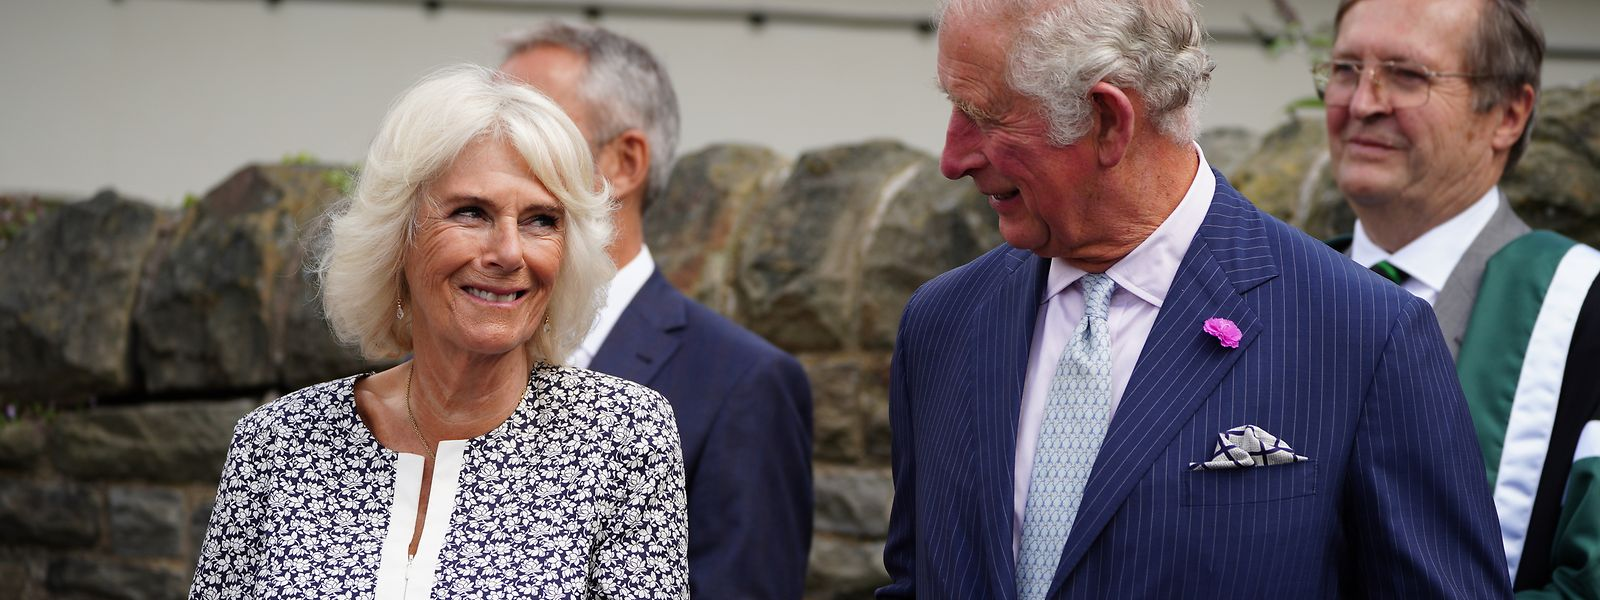 Die Herzogin von Cornwall und Prinz Charles bei einem Besuch Anfang Juli in Wales.